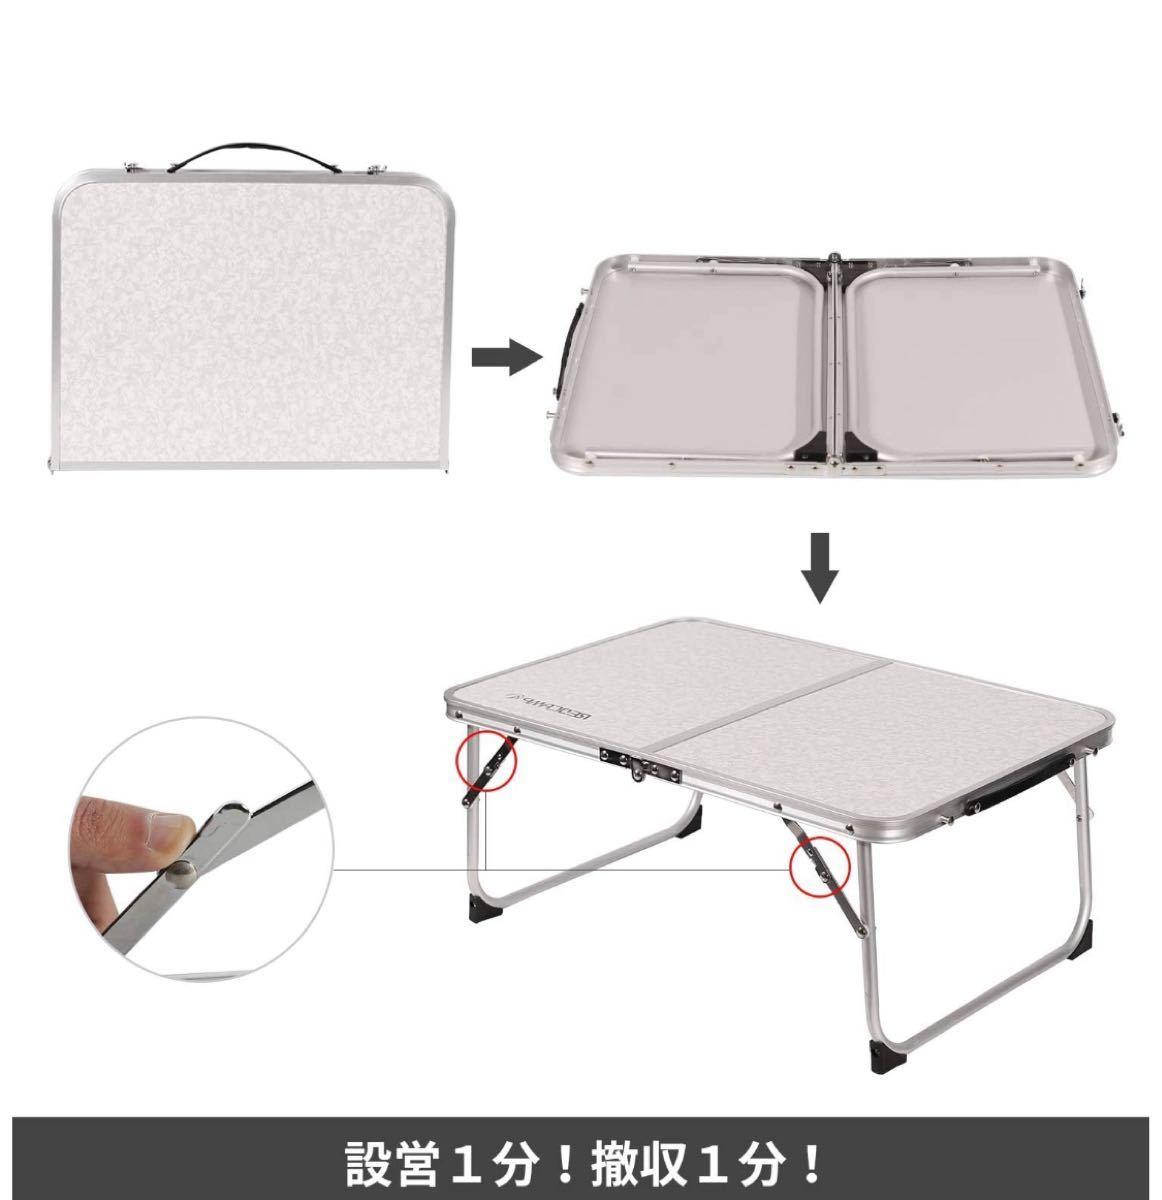 折り畳み式 ミニテーブル サイドテーブル コンパクト 二つ折り テレワーク